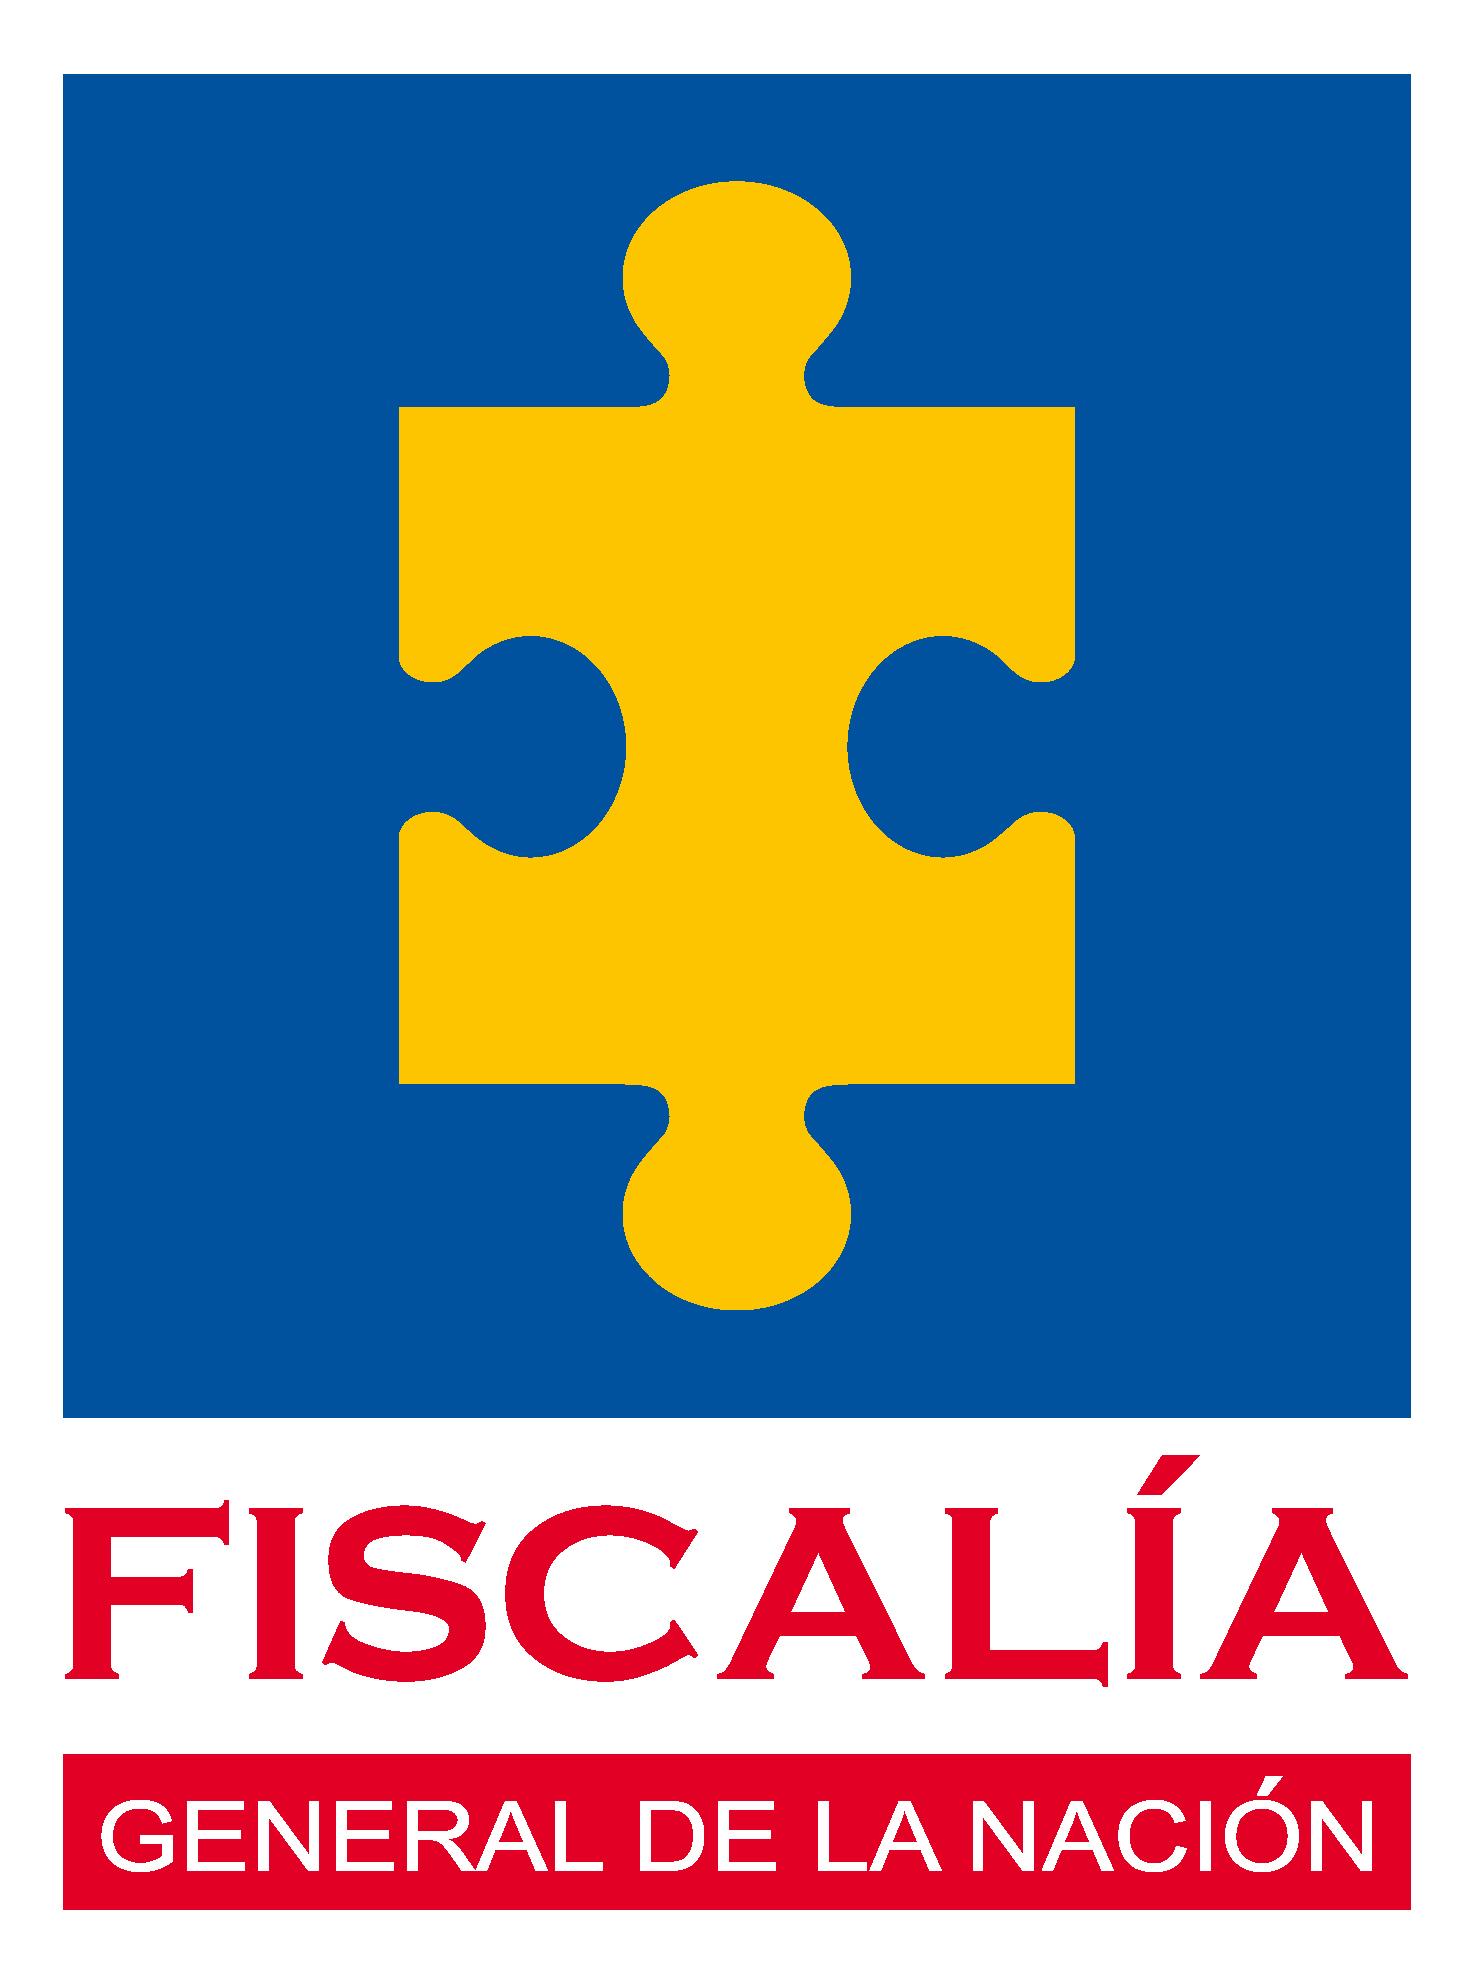 El logo | Fiscalía General de la Nación